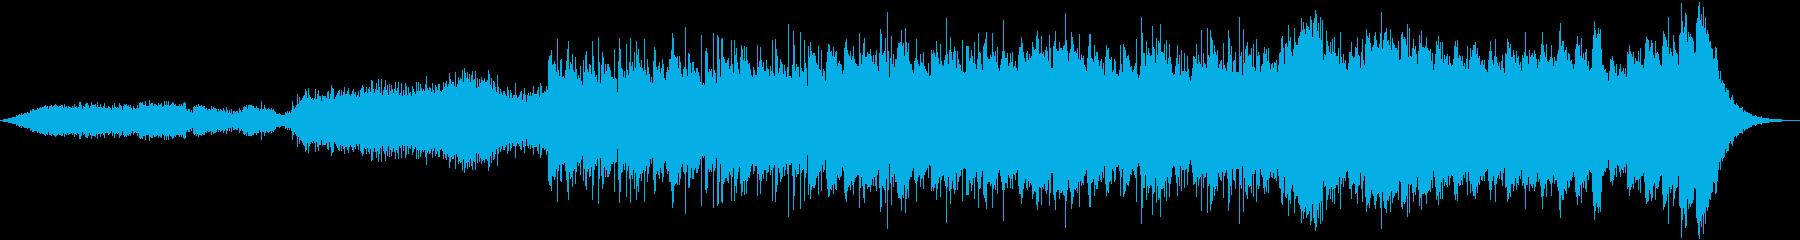 攻撃的アグレッシブノイジーなアンビエントの再生済みの波形